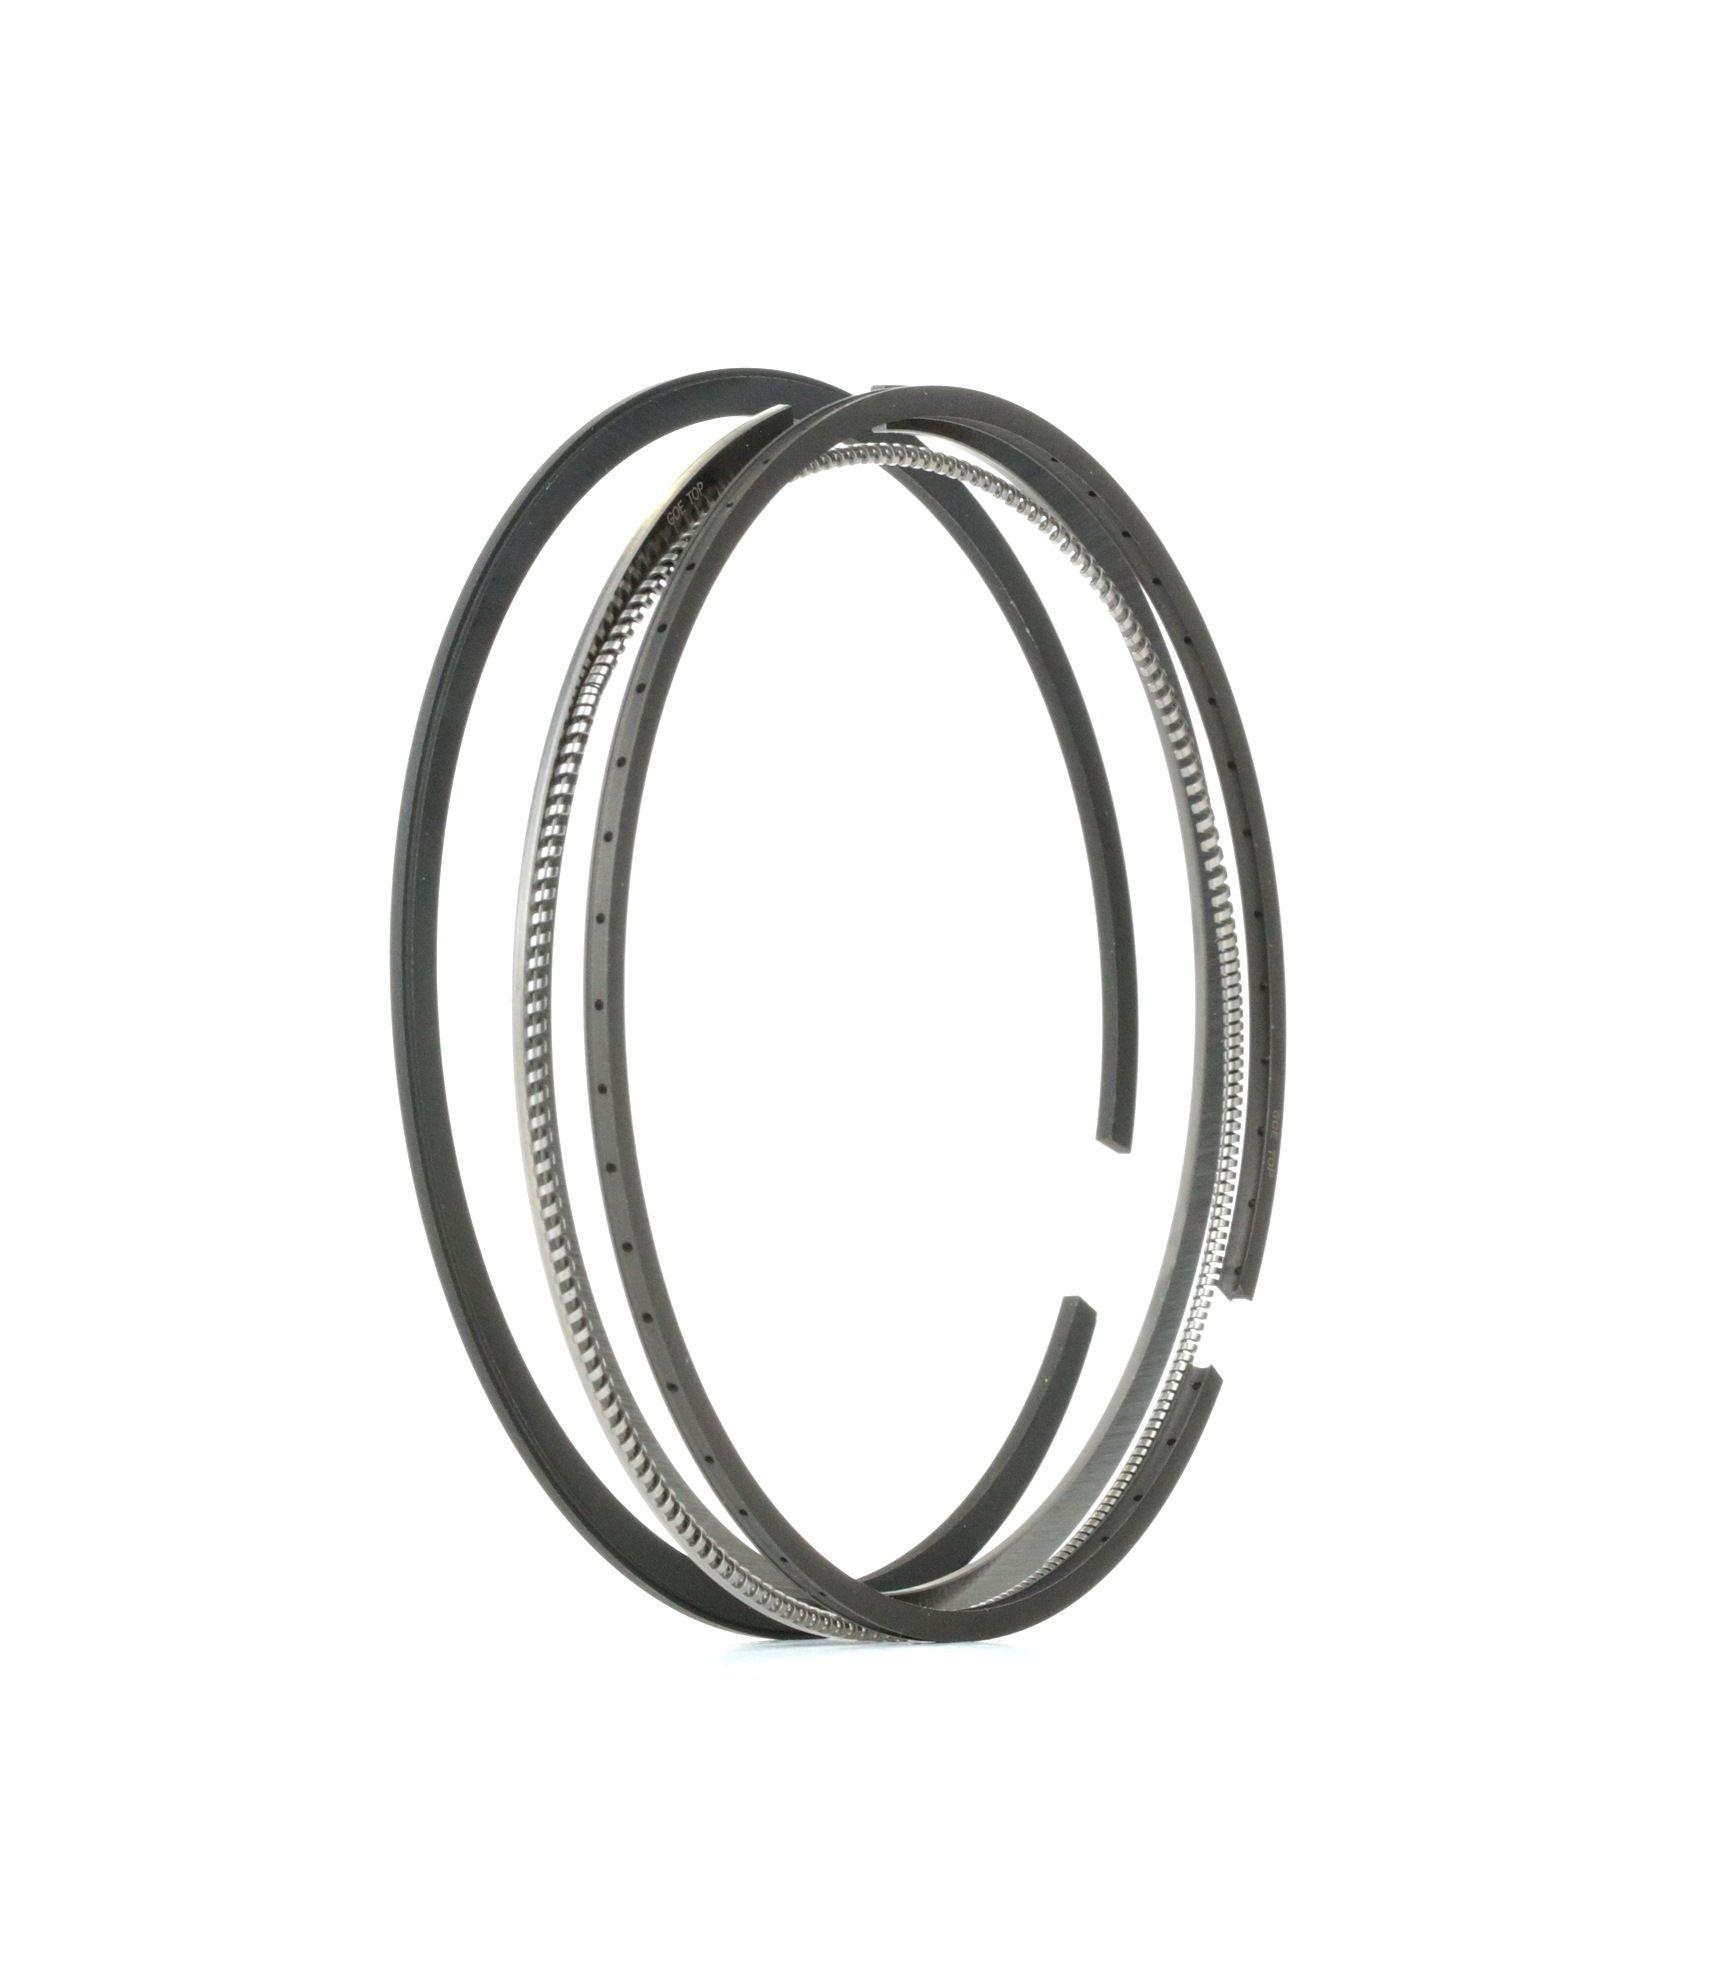 Fasce elastiche per pistoni 08-425300-00 acquista online 24/7